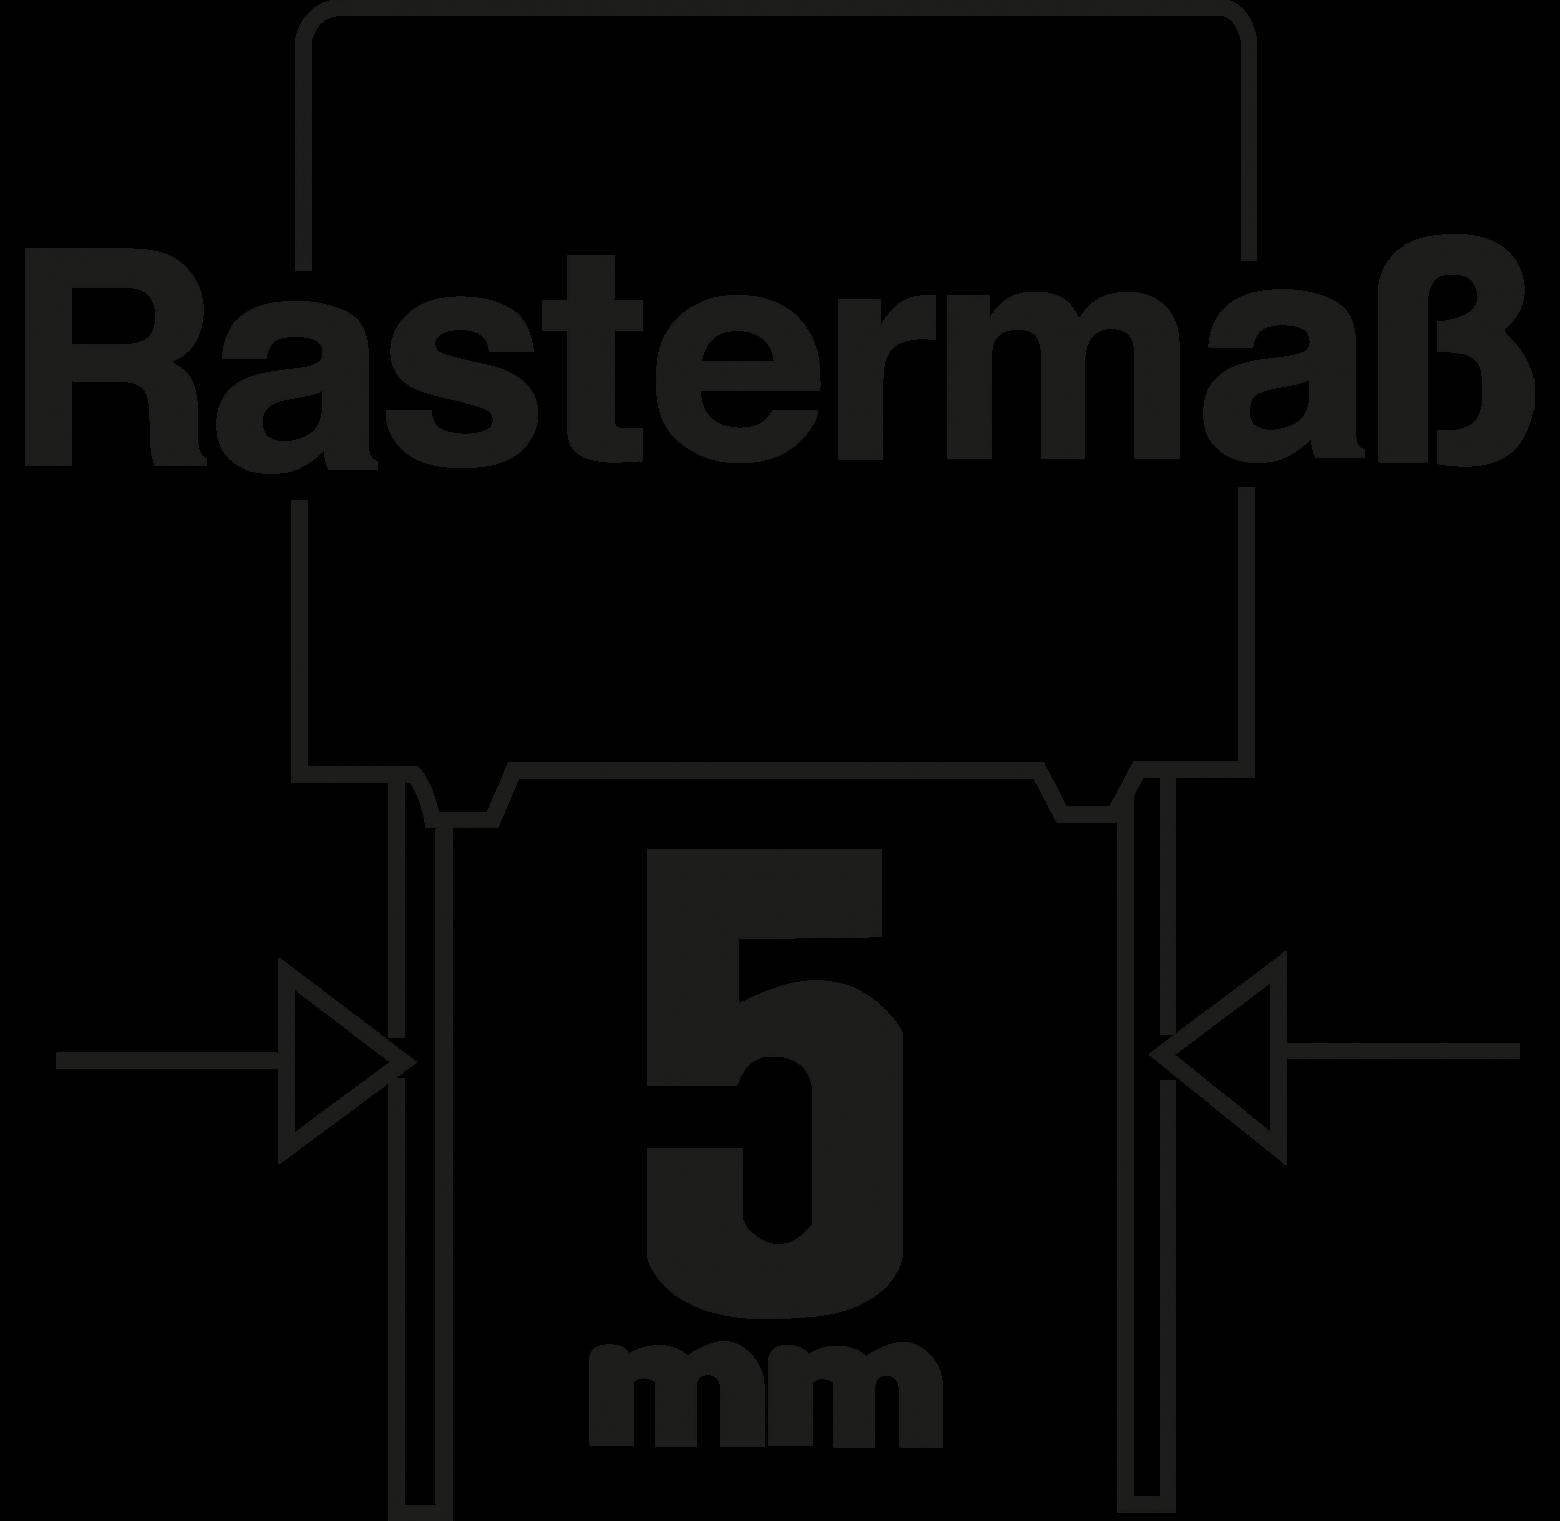 https://cdn-reichelt.de/bilder/web/xxl_ws/B300/RASTER5.png